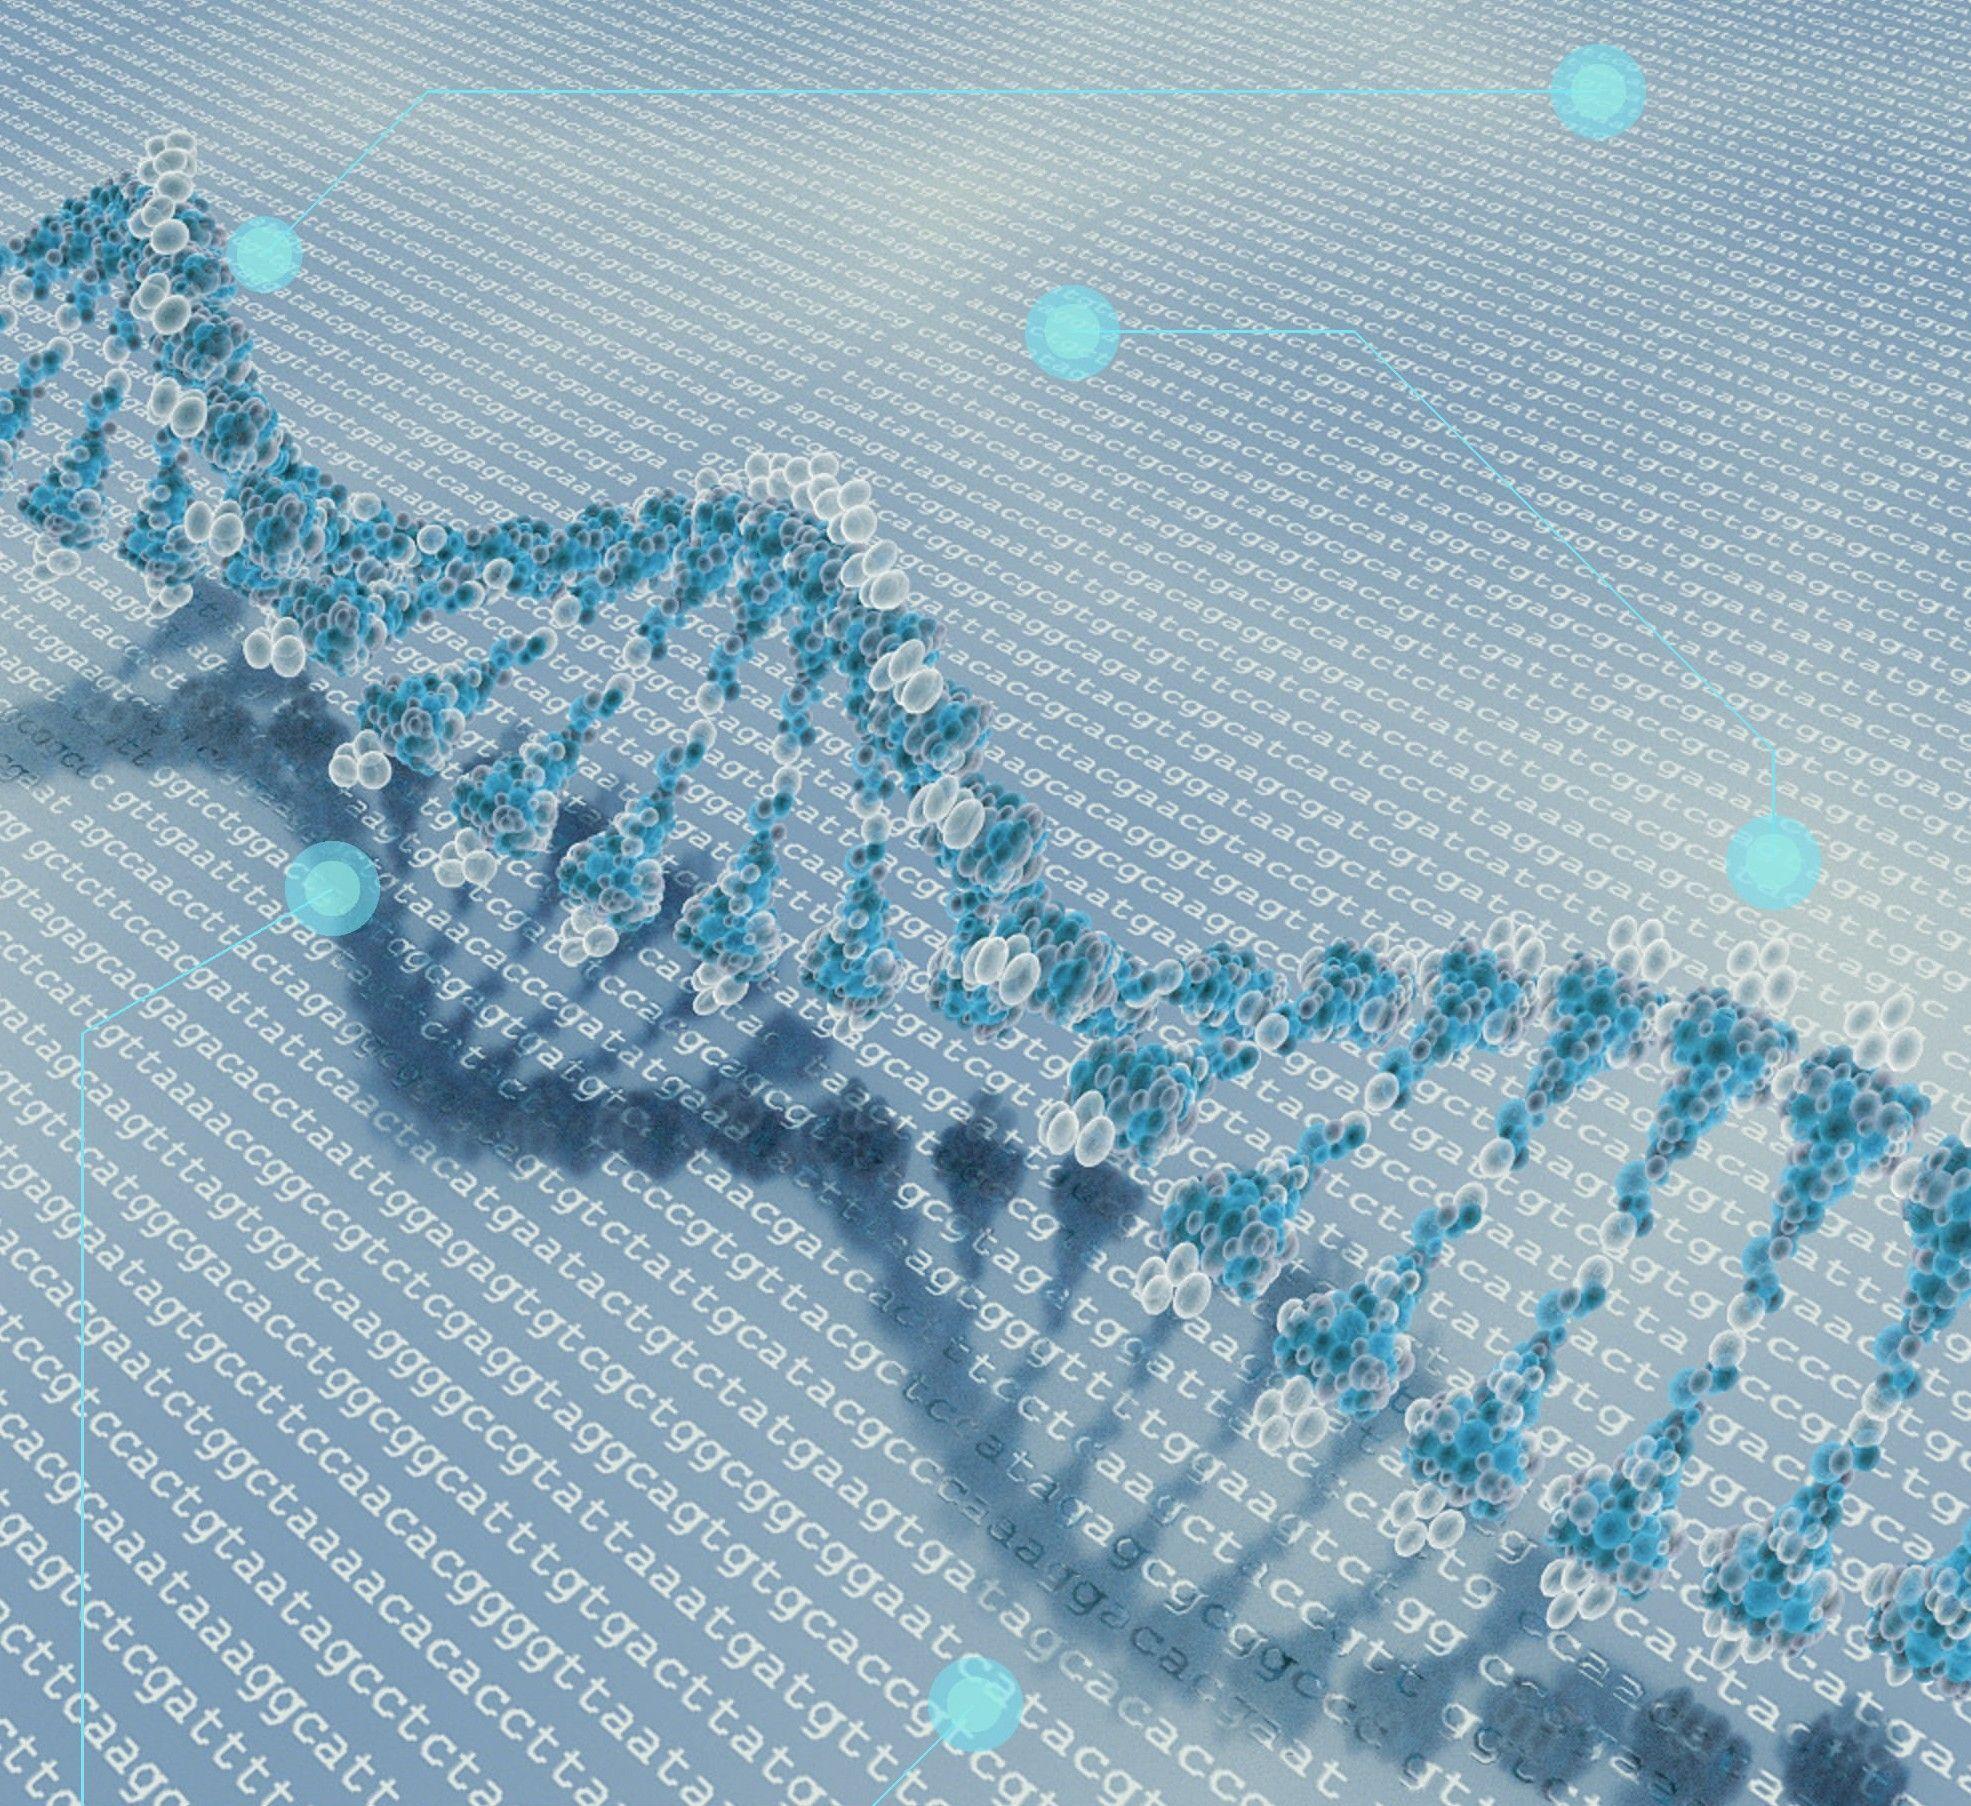 edición del genoma humano. Imagen: Mehmet Pinarci (CC BY 2.0, https://creativecommons.org/licenses/by/2.0/)